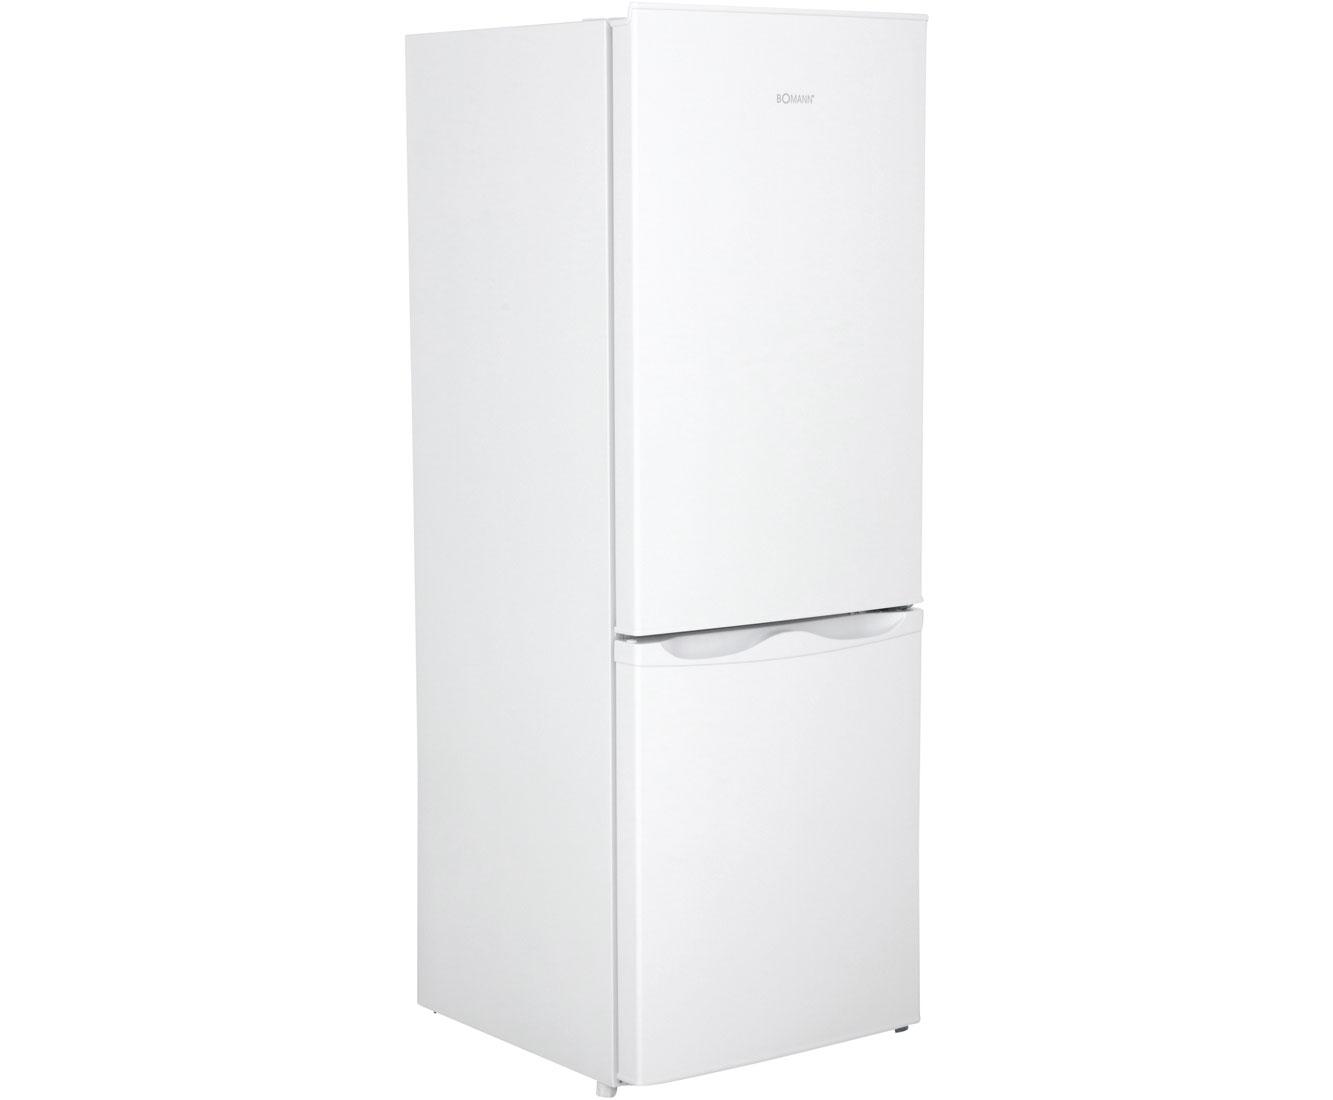 Bomann Kühlschrank Zubehör : Bomann kg 322 kühl gefrierkombination weiß a